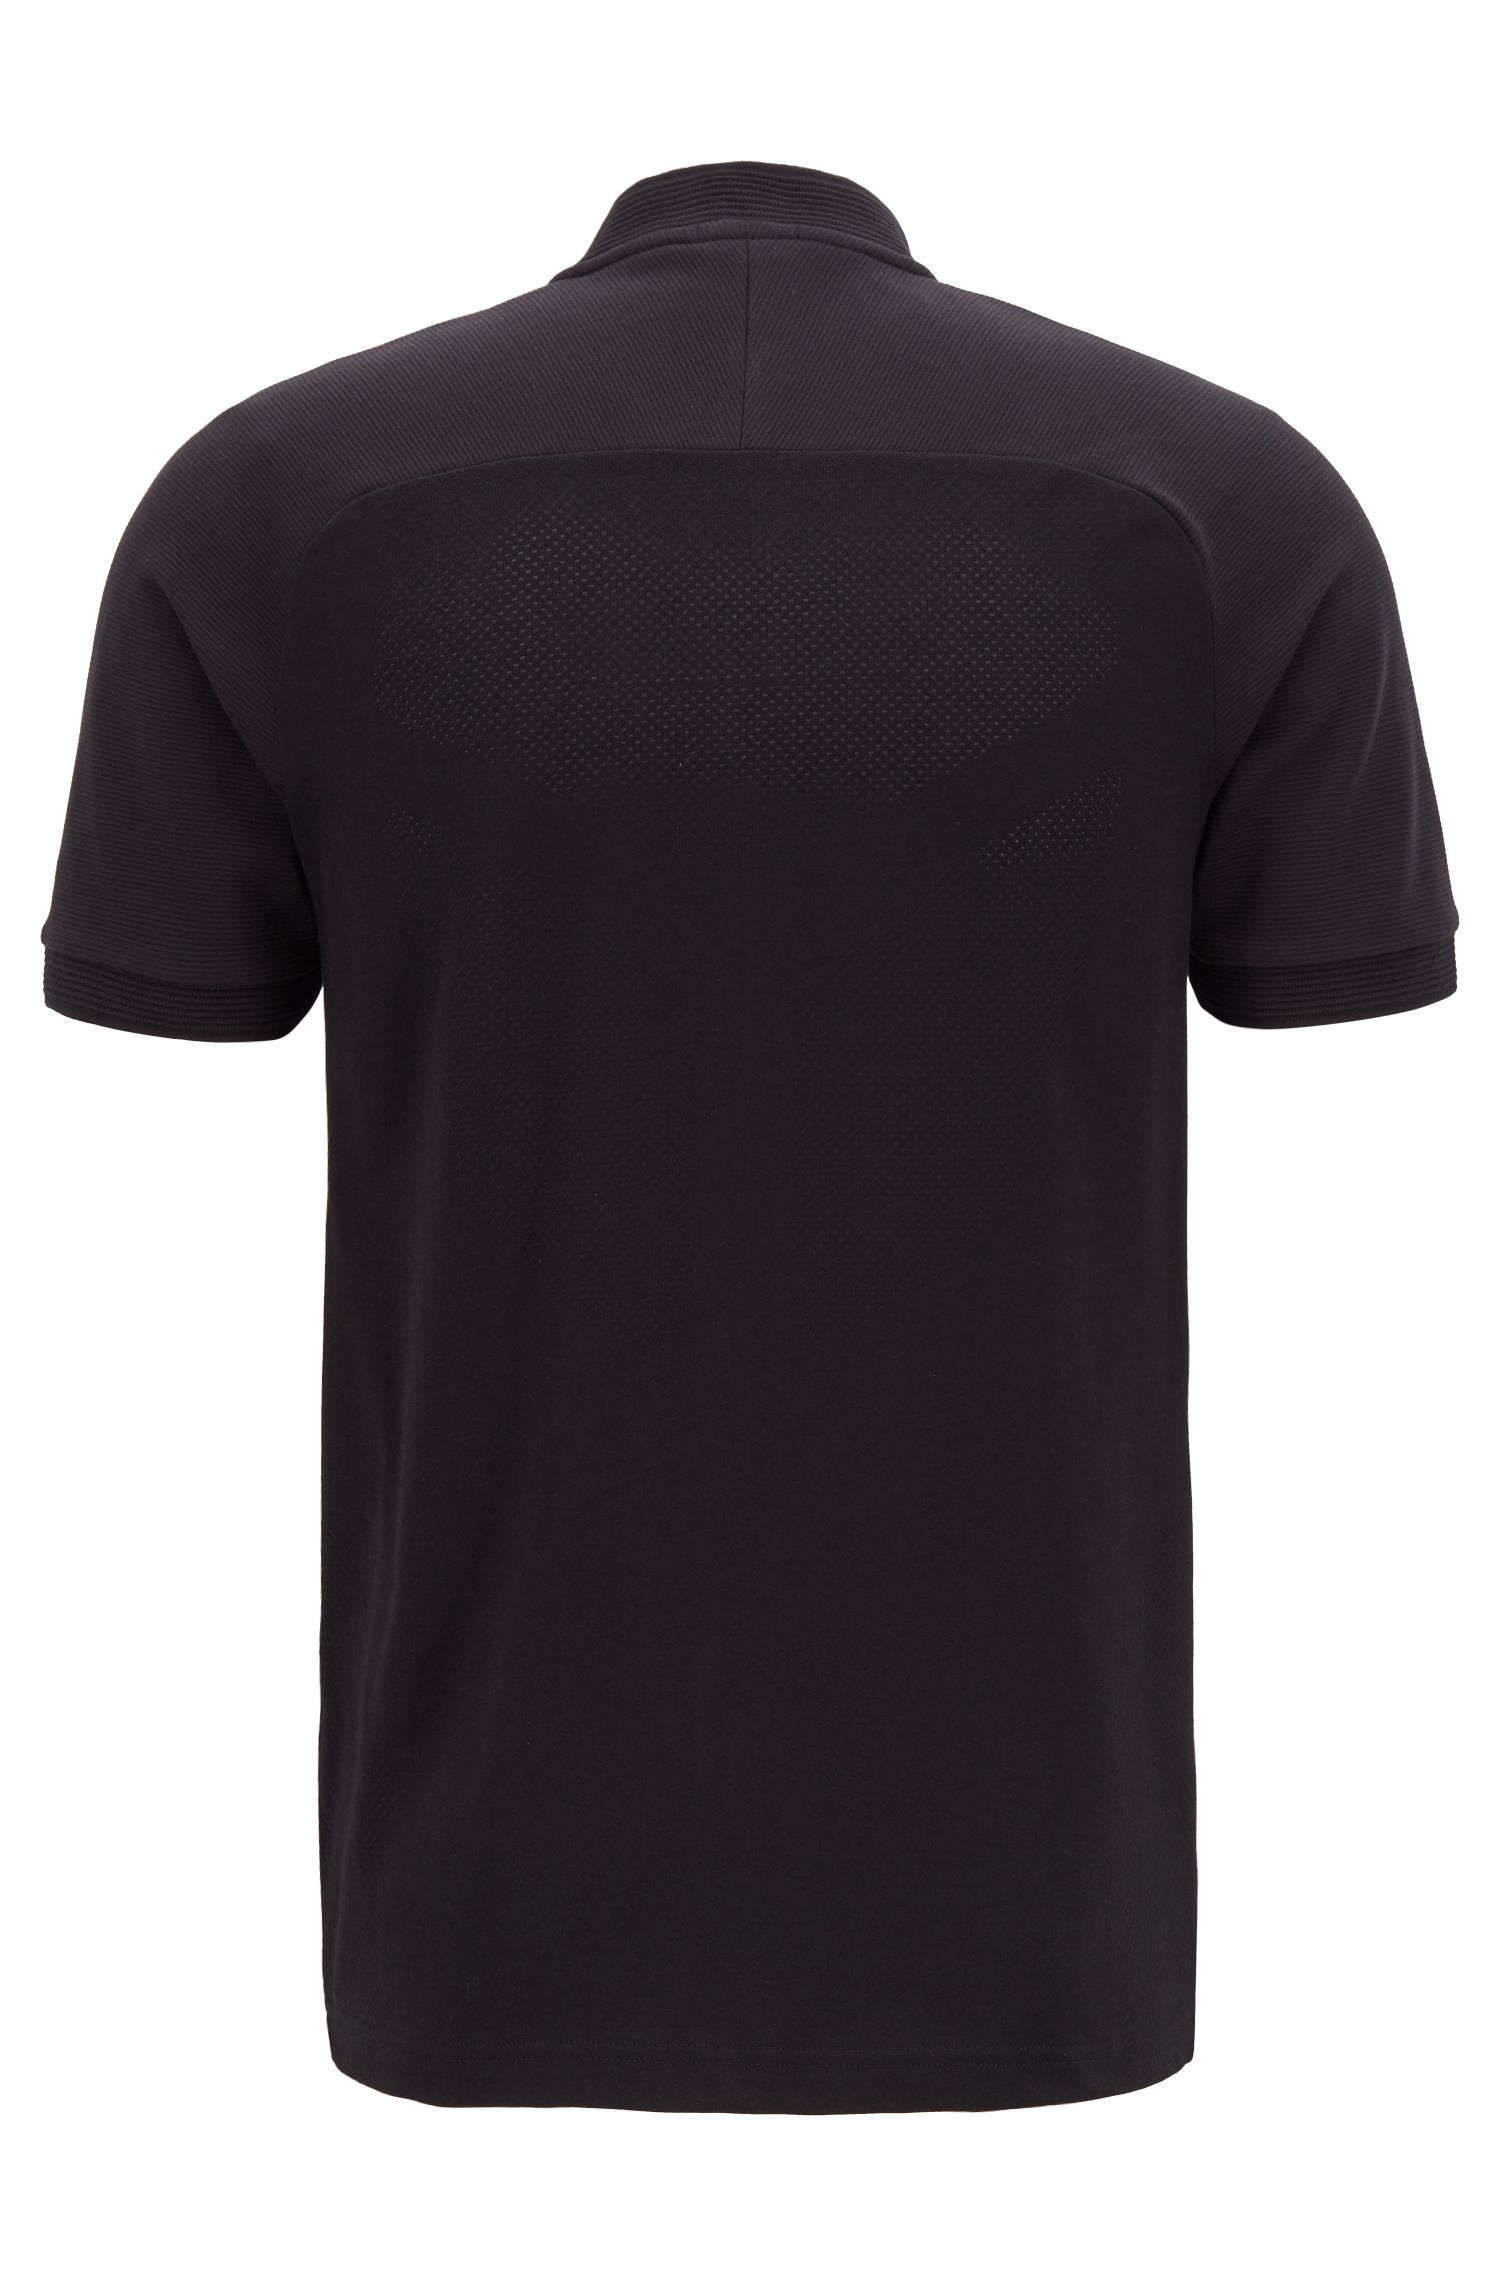 Slim-Fit Poloshirt mit Reißverschluss am Kragen und S.Café®-Fasern, Schwarz